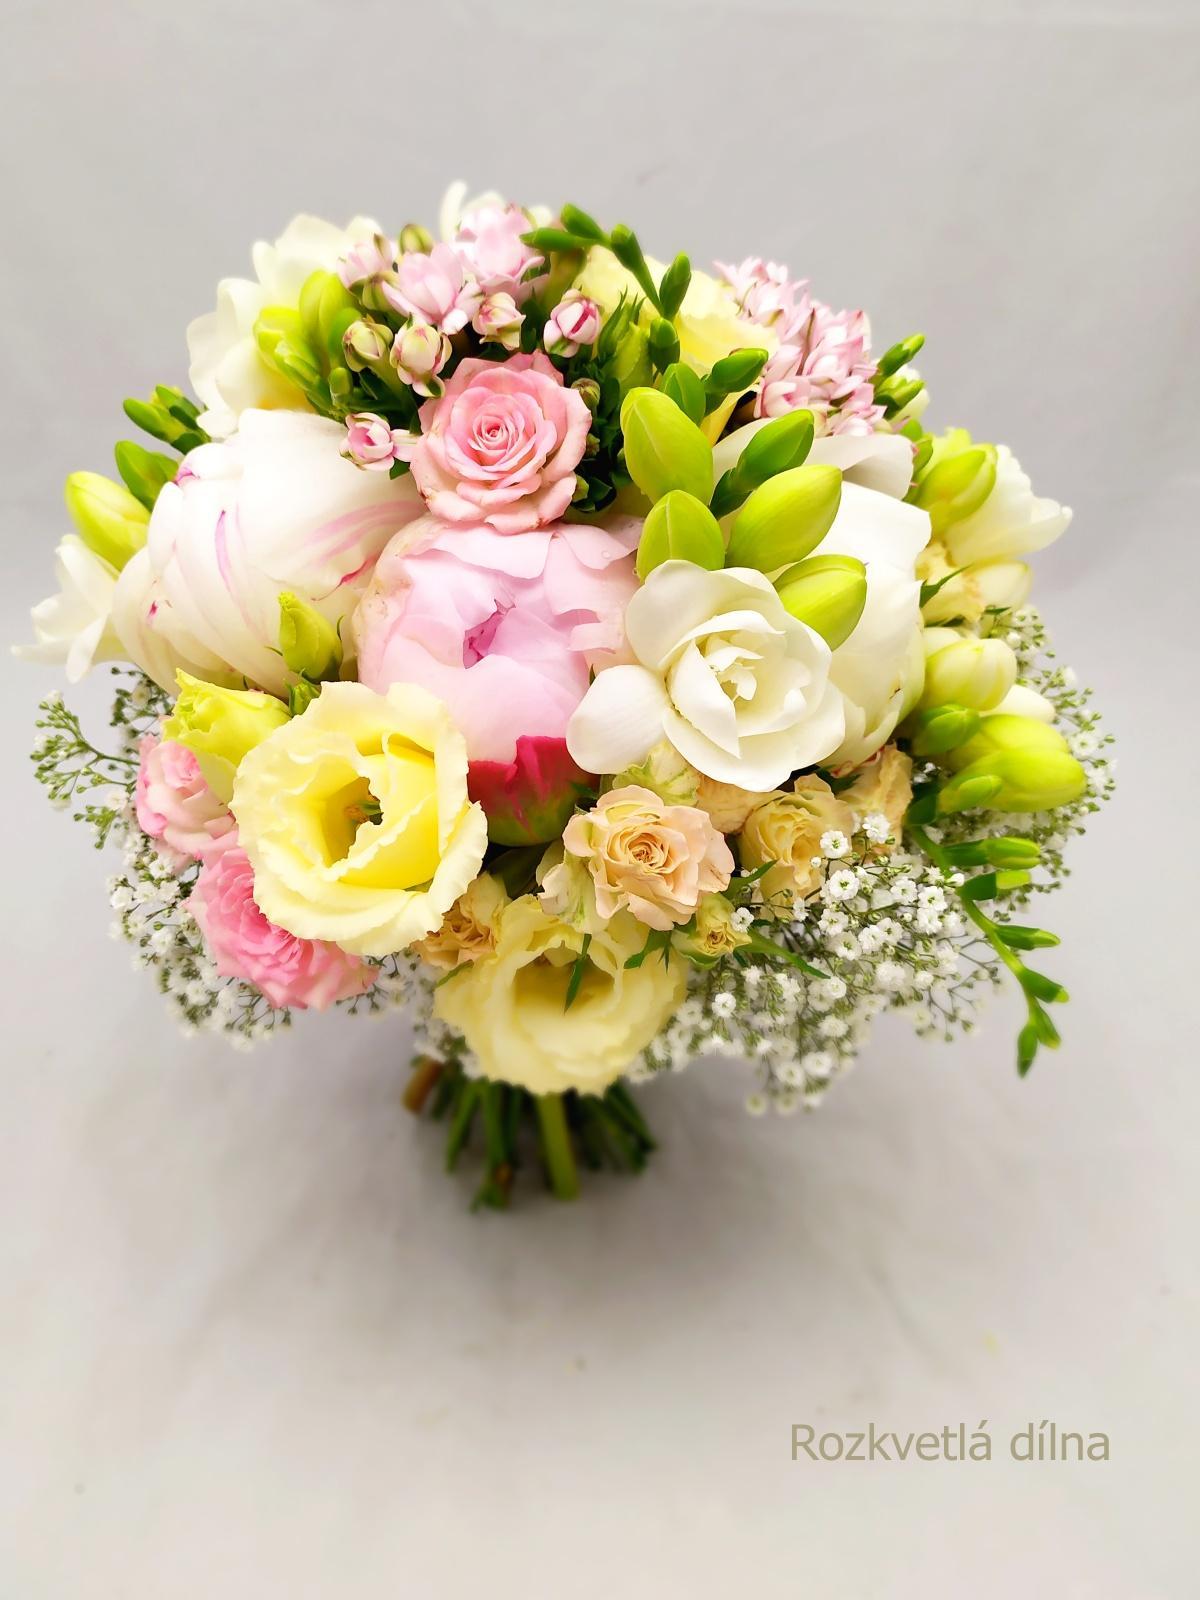 Červnové pivoňkové kytice z Rozkvetlé dílny - romantická kytice pro nevěstu